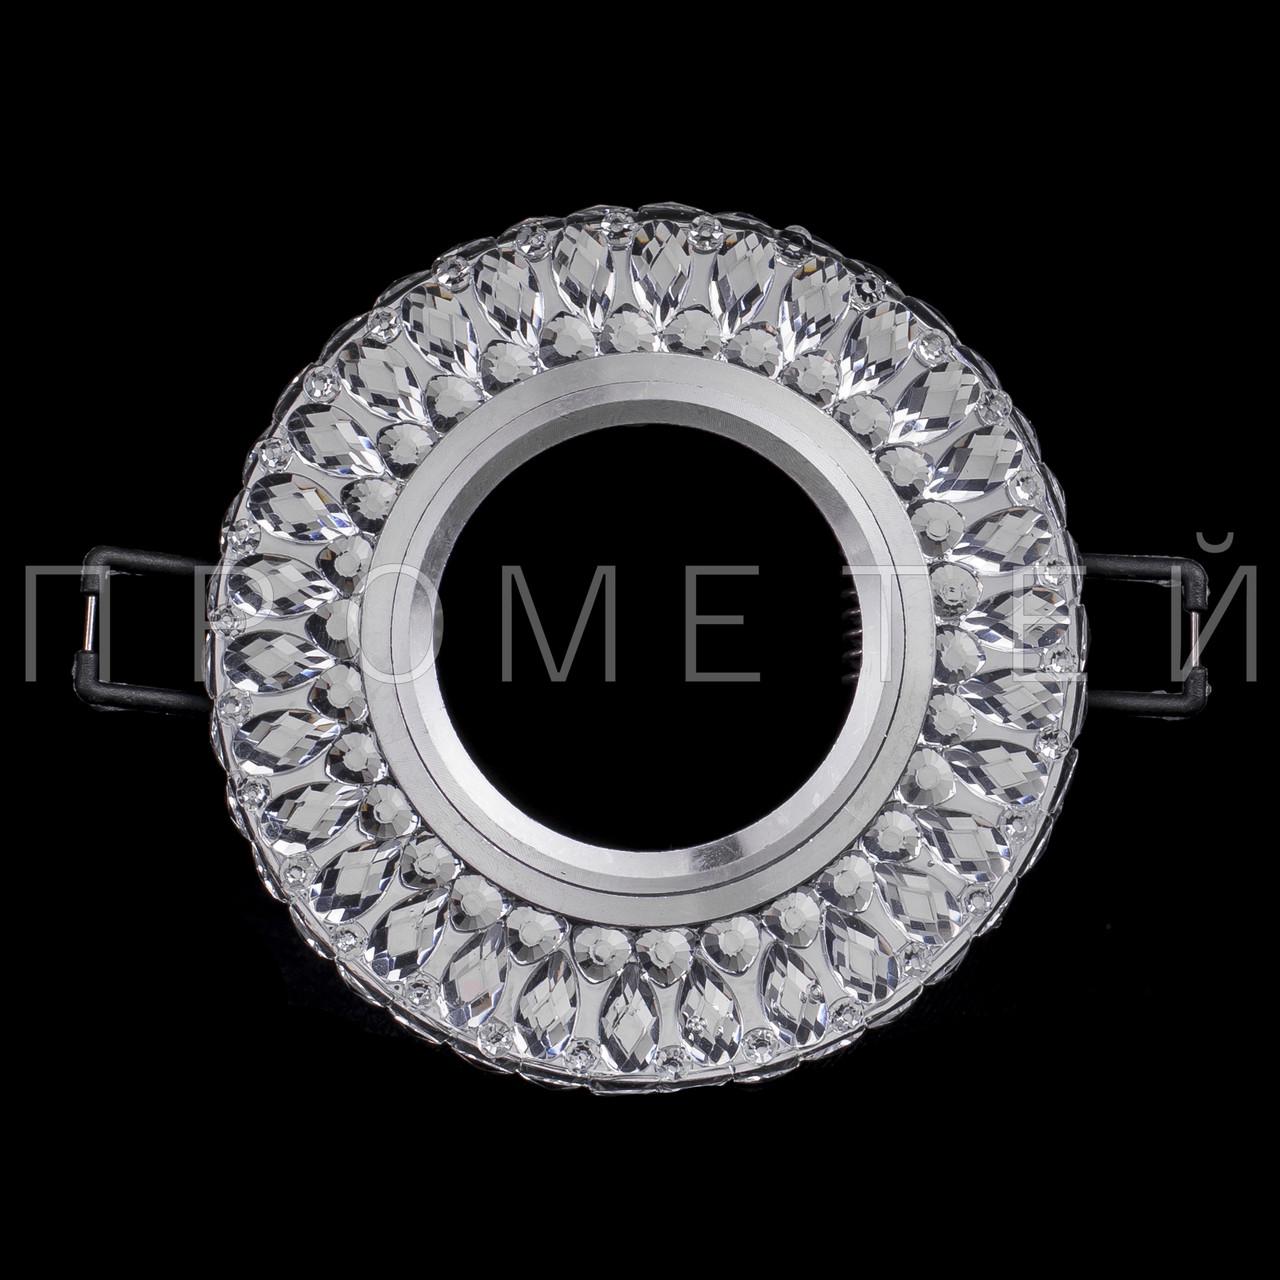 Точечный светильник Прометей с LED подсветкой MR16 P3-829